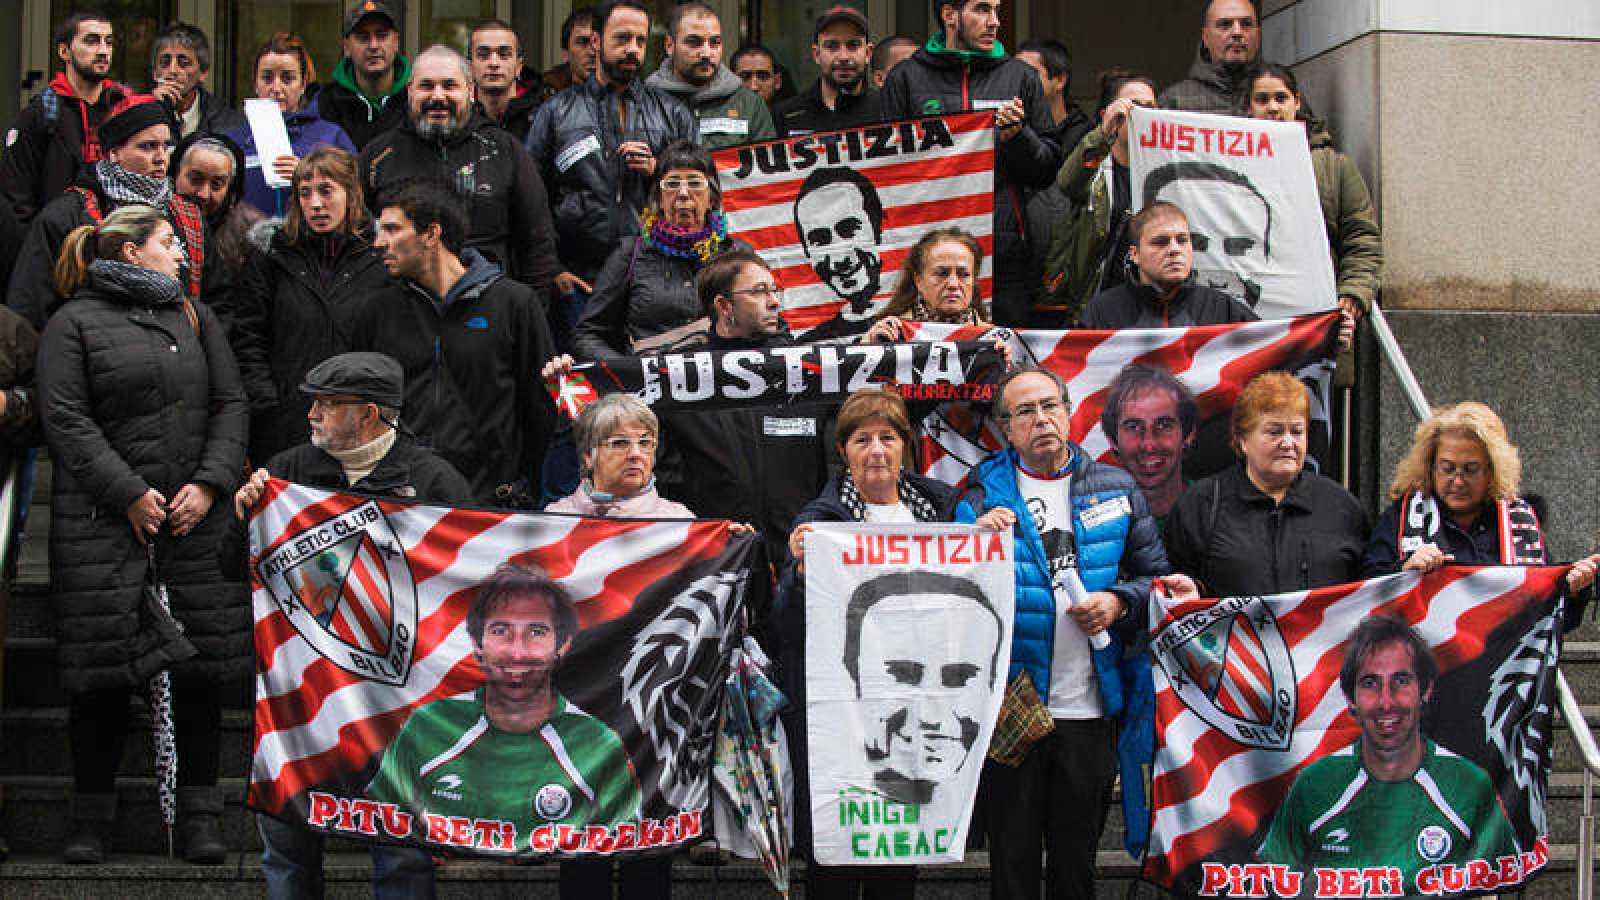 Familiares y amigos de Íñigo Cabacas, el joven que murió en Bilbao tras recibir un pelotazo de la Ertzaintza durante un partido de fútbol